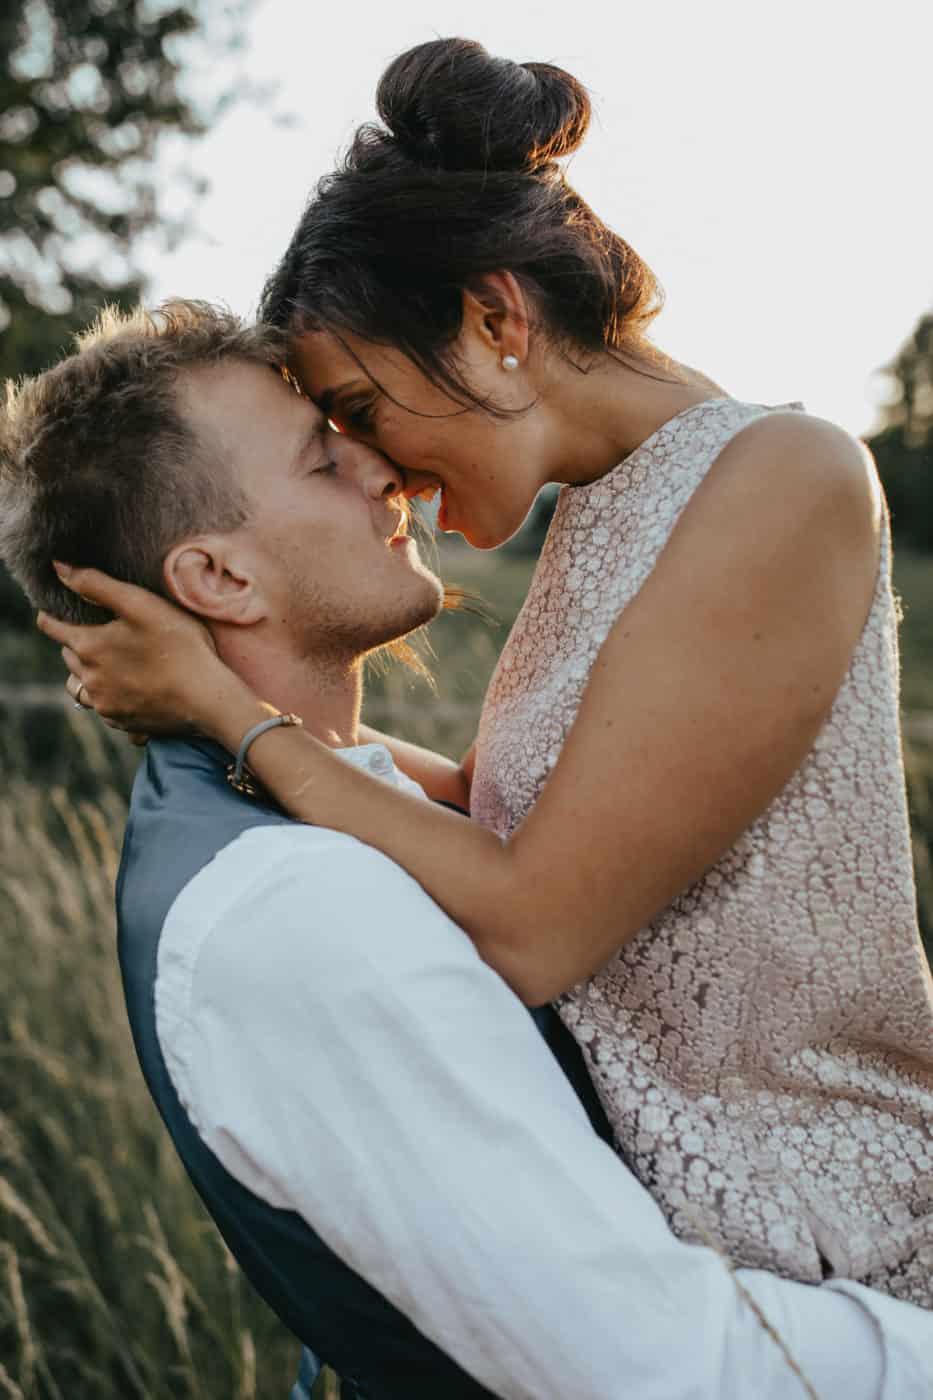 Hochzeitsfotograf im Saarland und der Pfalz - Brautpaarshooting, natürliche Posen, Scheunenhochzeit